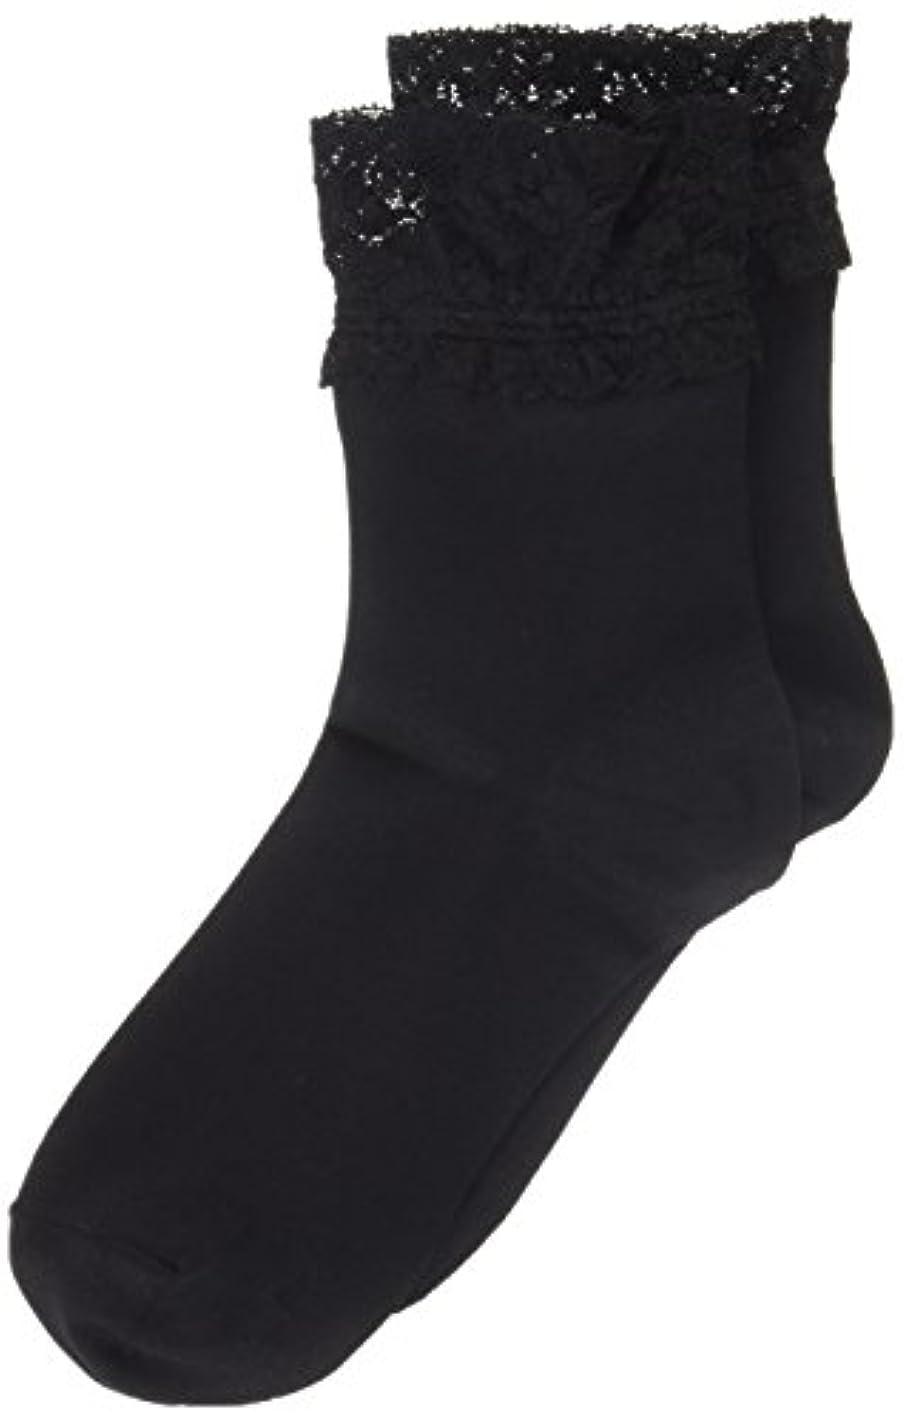 ドナウ川払い戻し素晴らしきAR0213 ミセススニーカーソックス(婦人靴下) ゆったりはきやすい 22-24cm ブラック